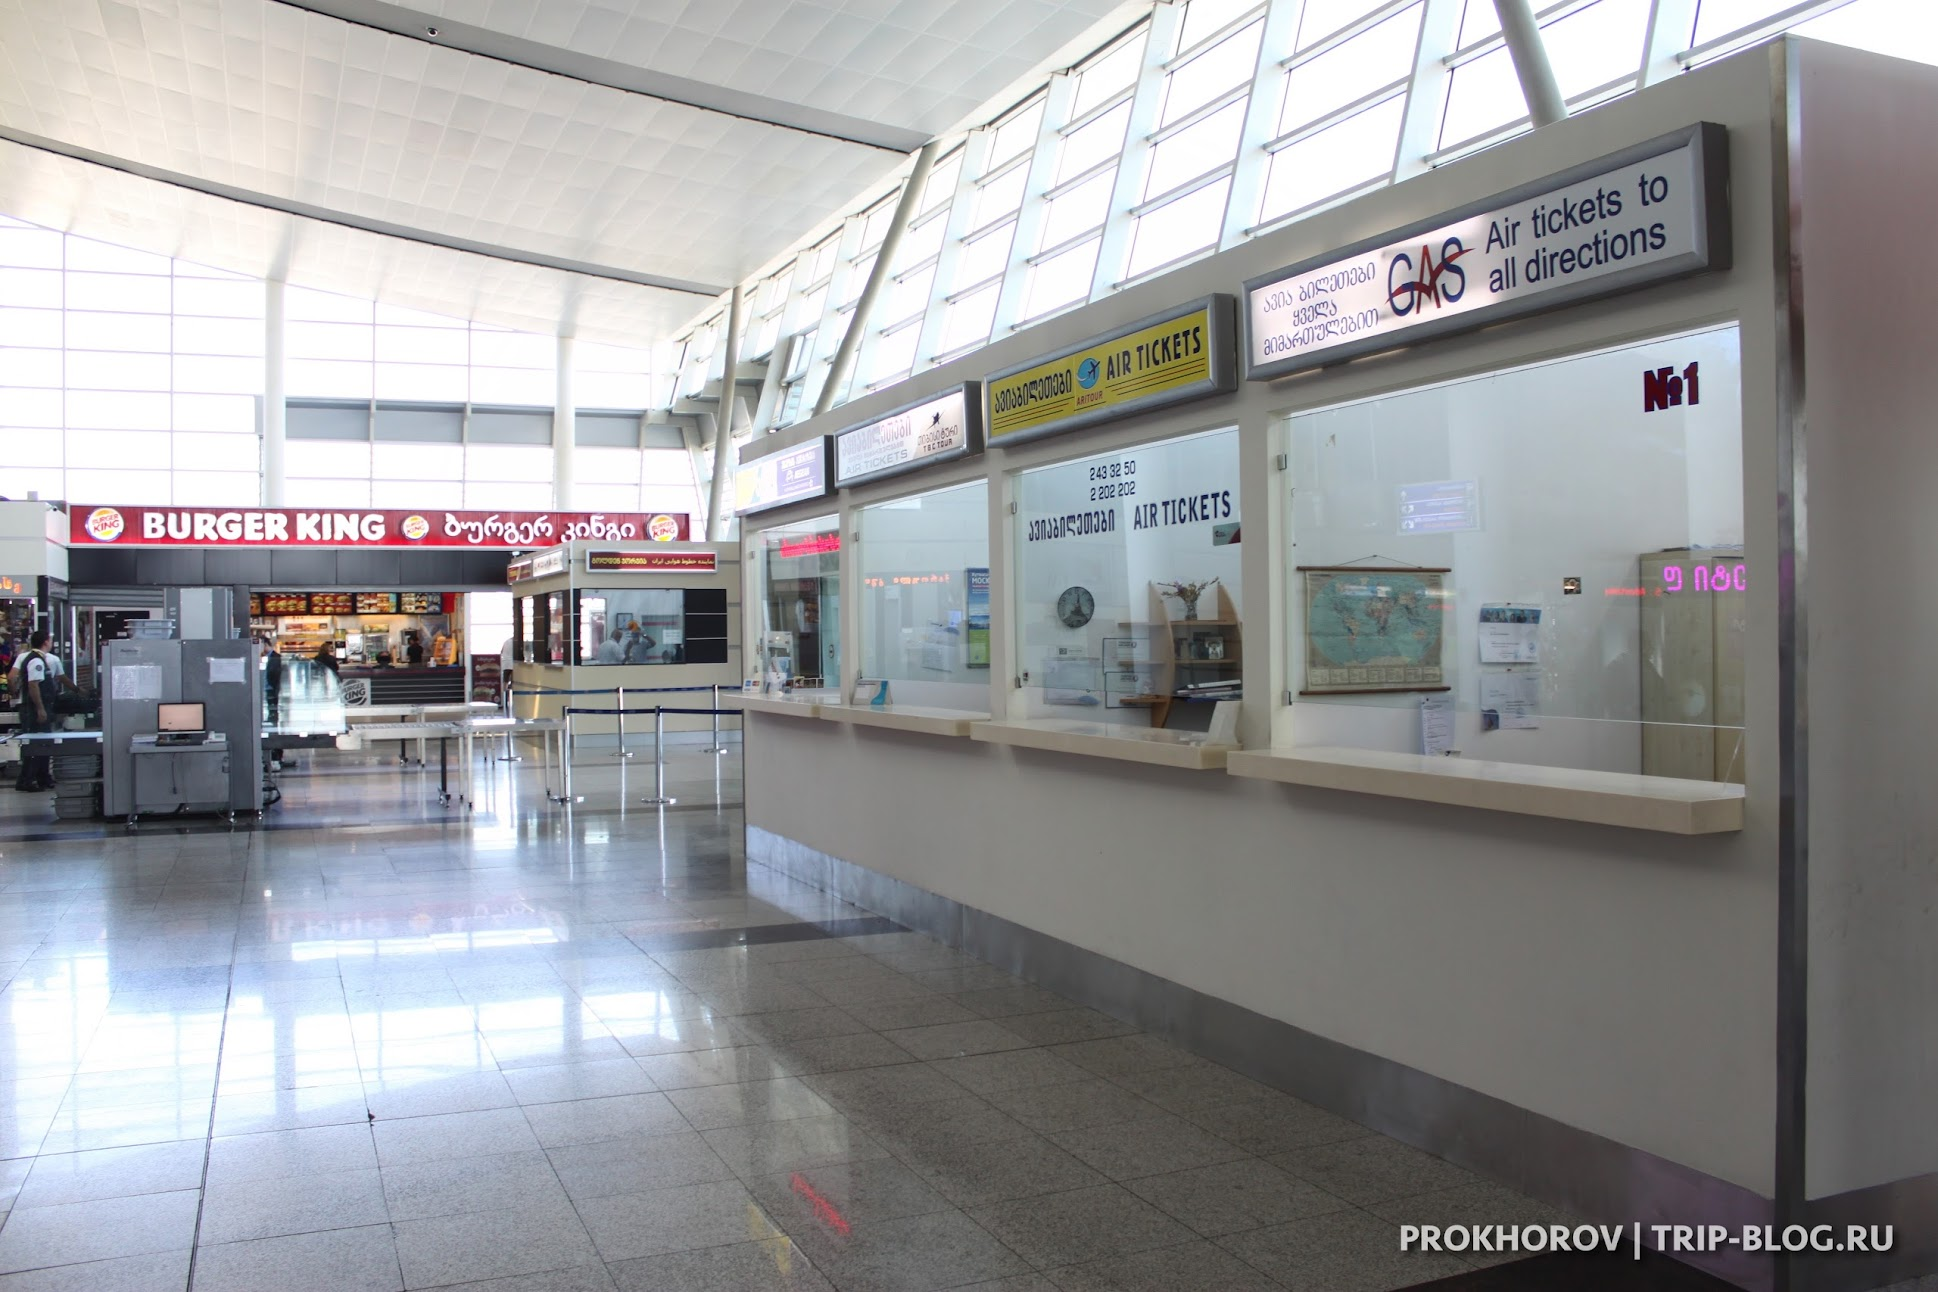 Офисы по продаже билетов в аэропорту Тбилиси